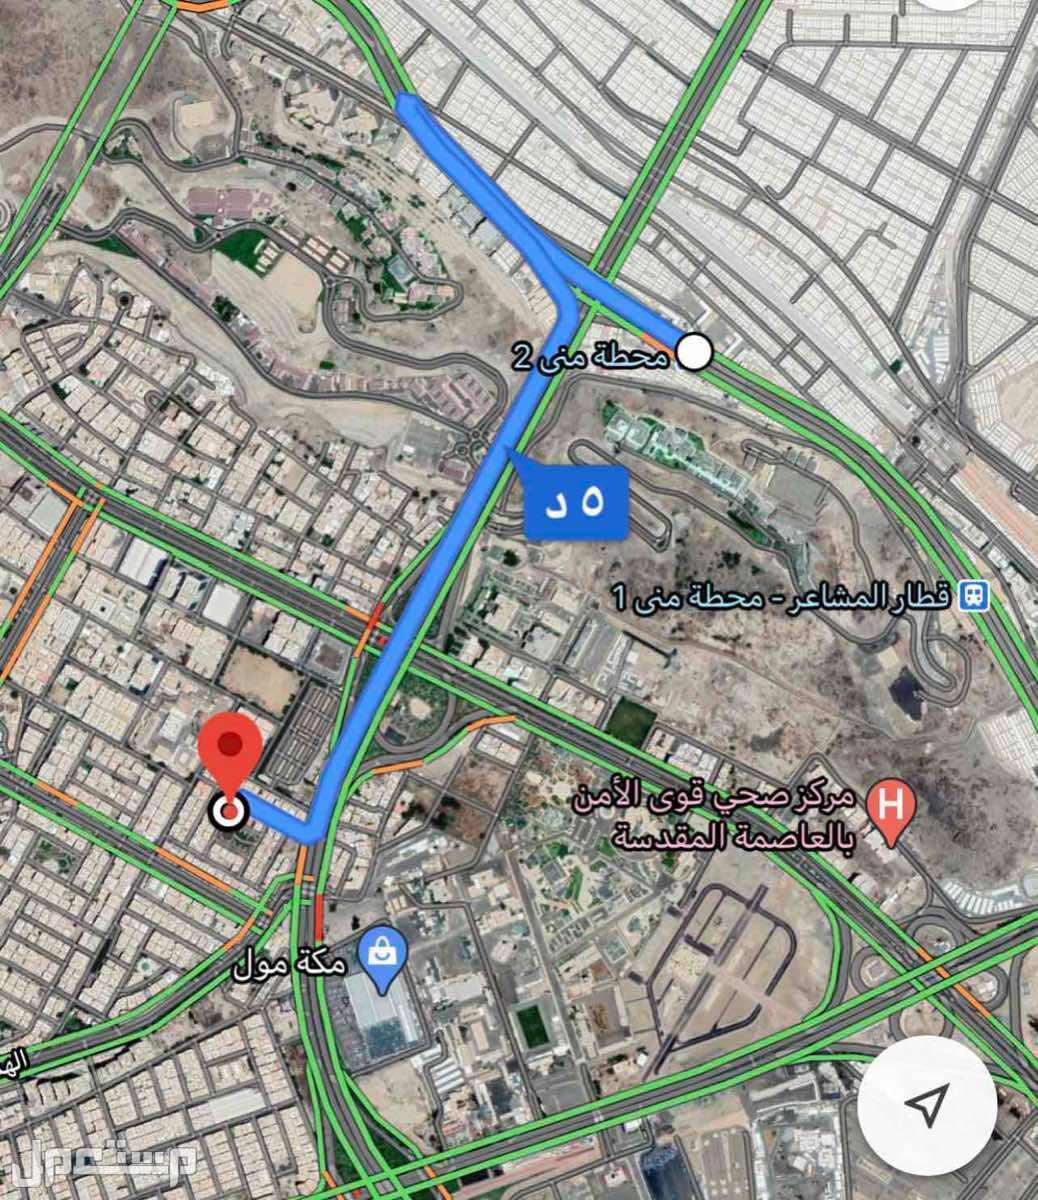 ارض للبيع في مكة بحي العزيزية